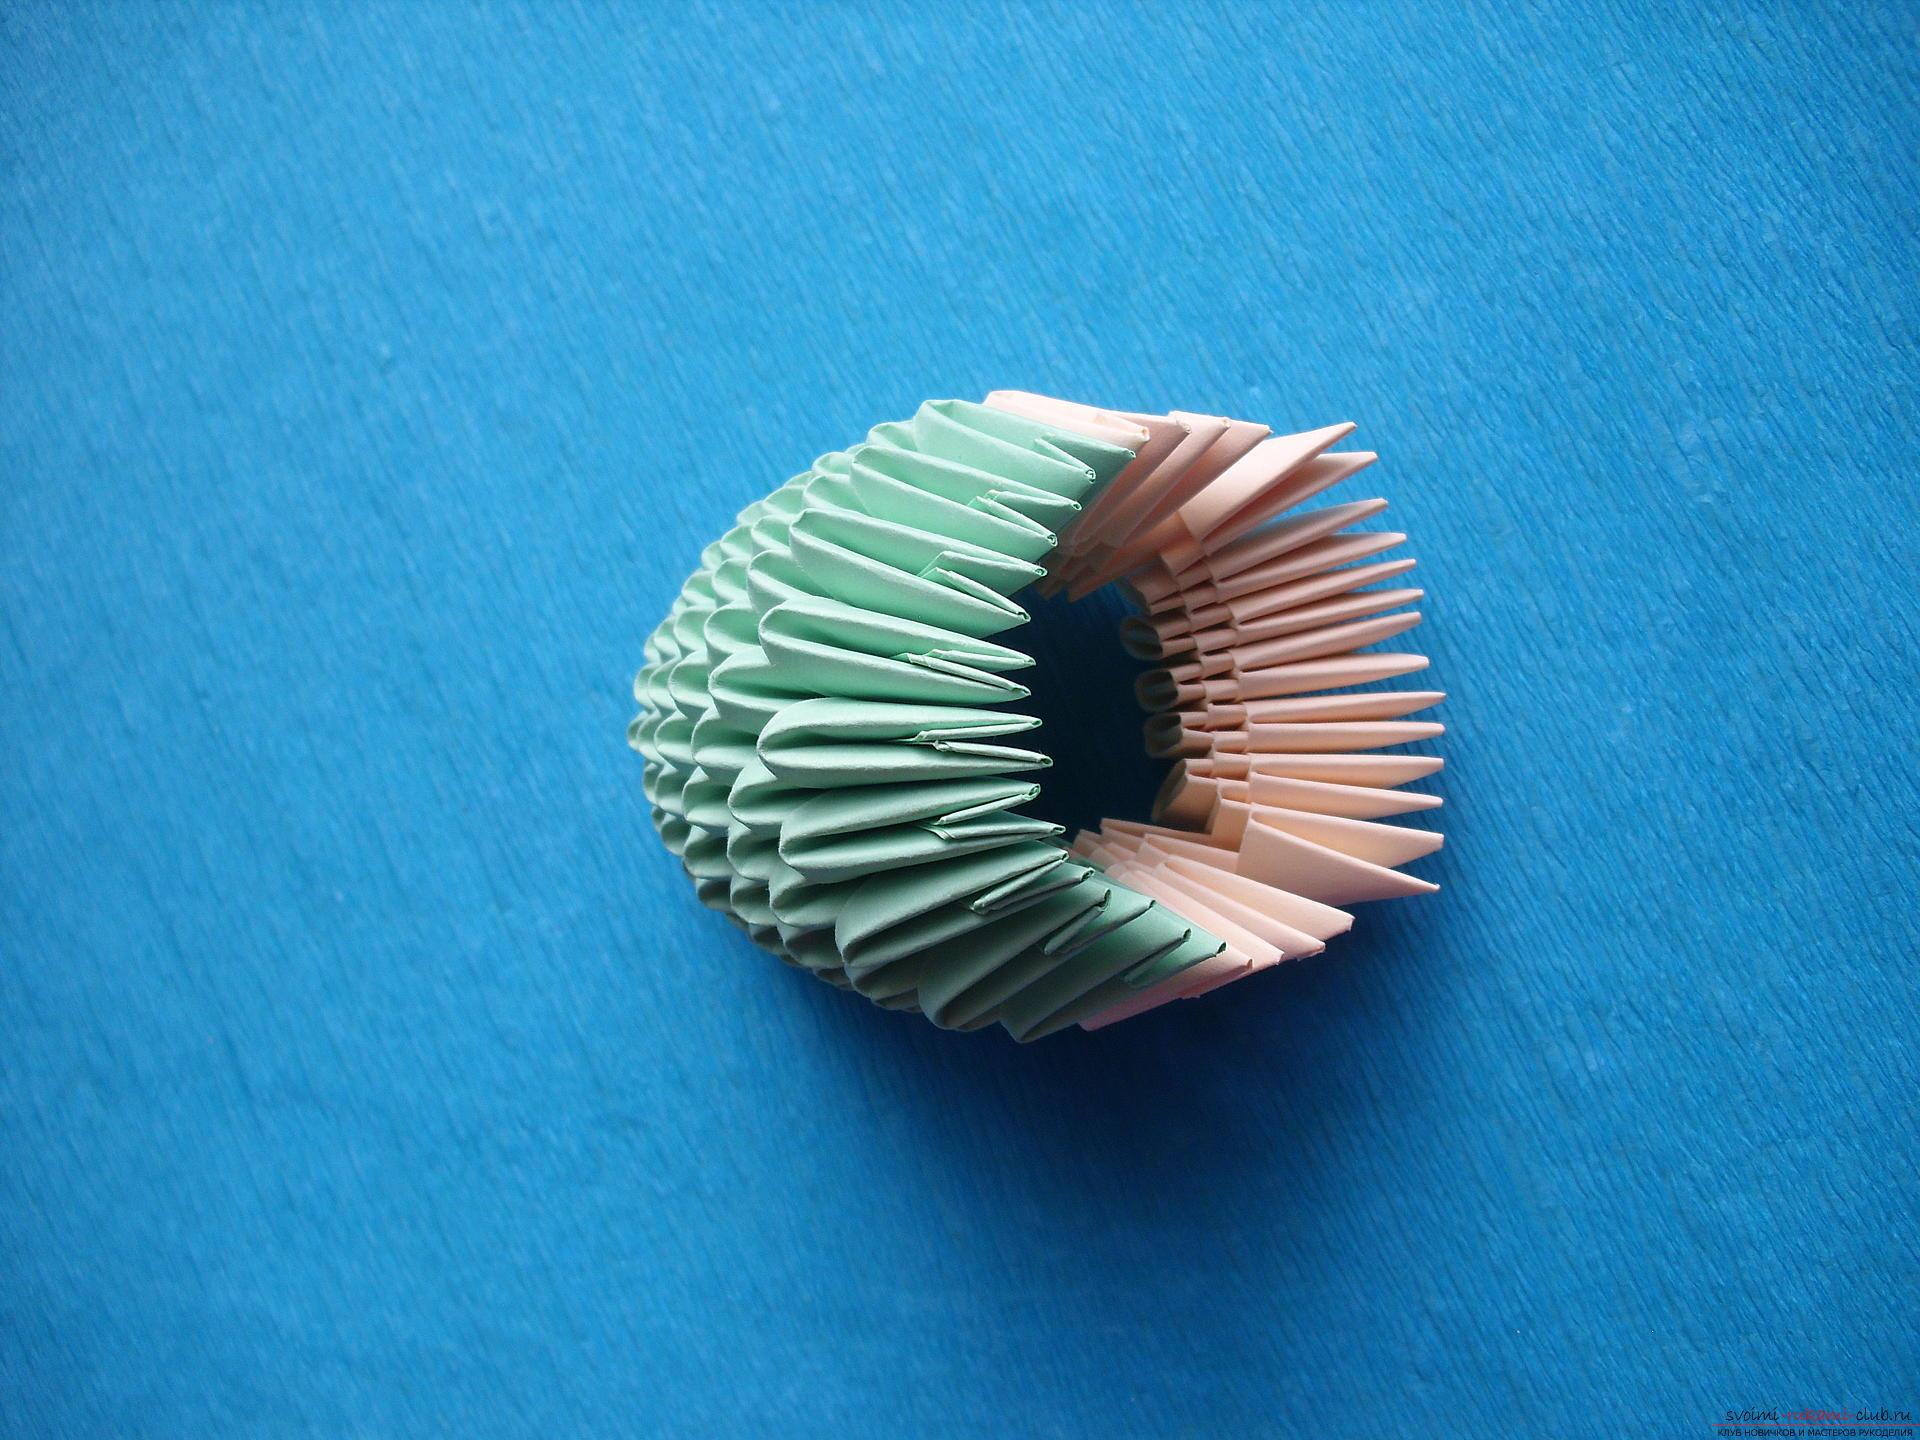 Этот мастер-класс расскажет как сделать поделку из модульных оригами - лягушку.. Фото №9